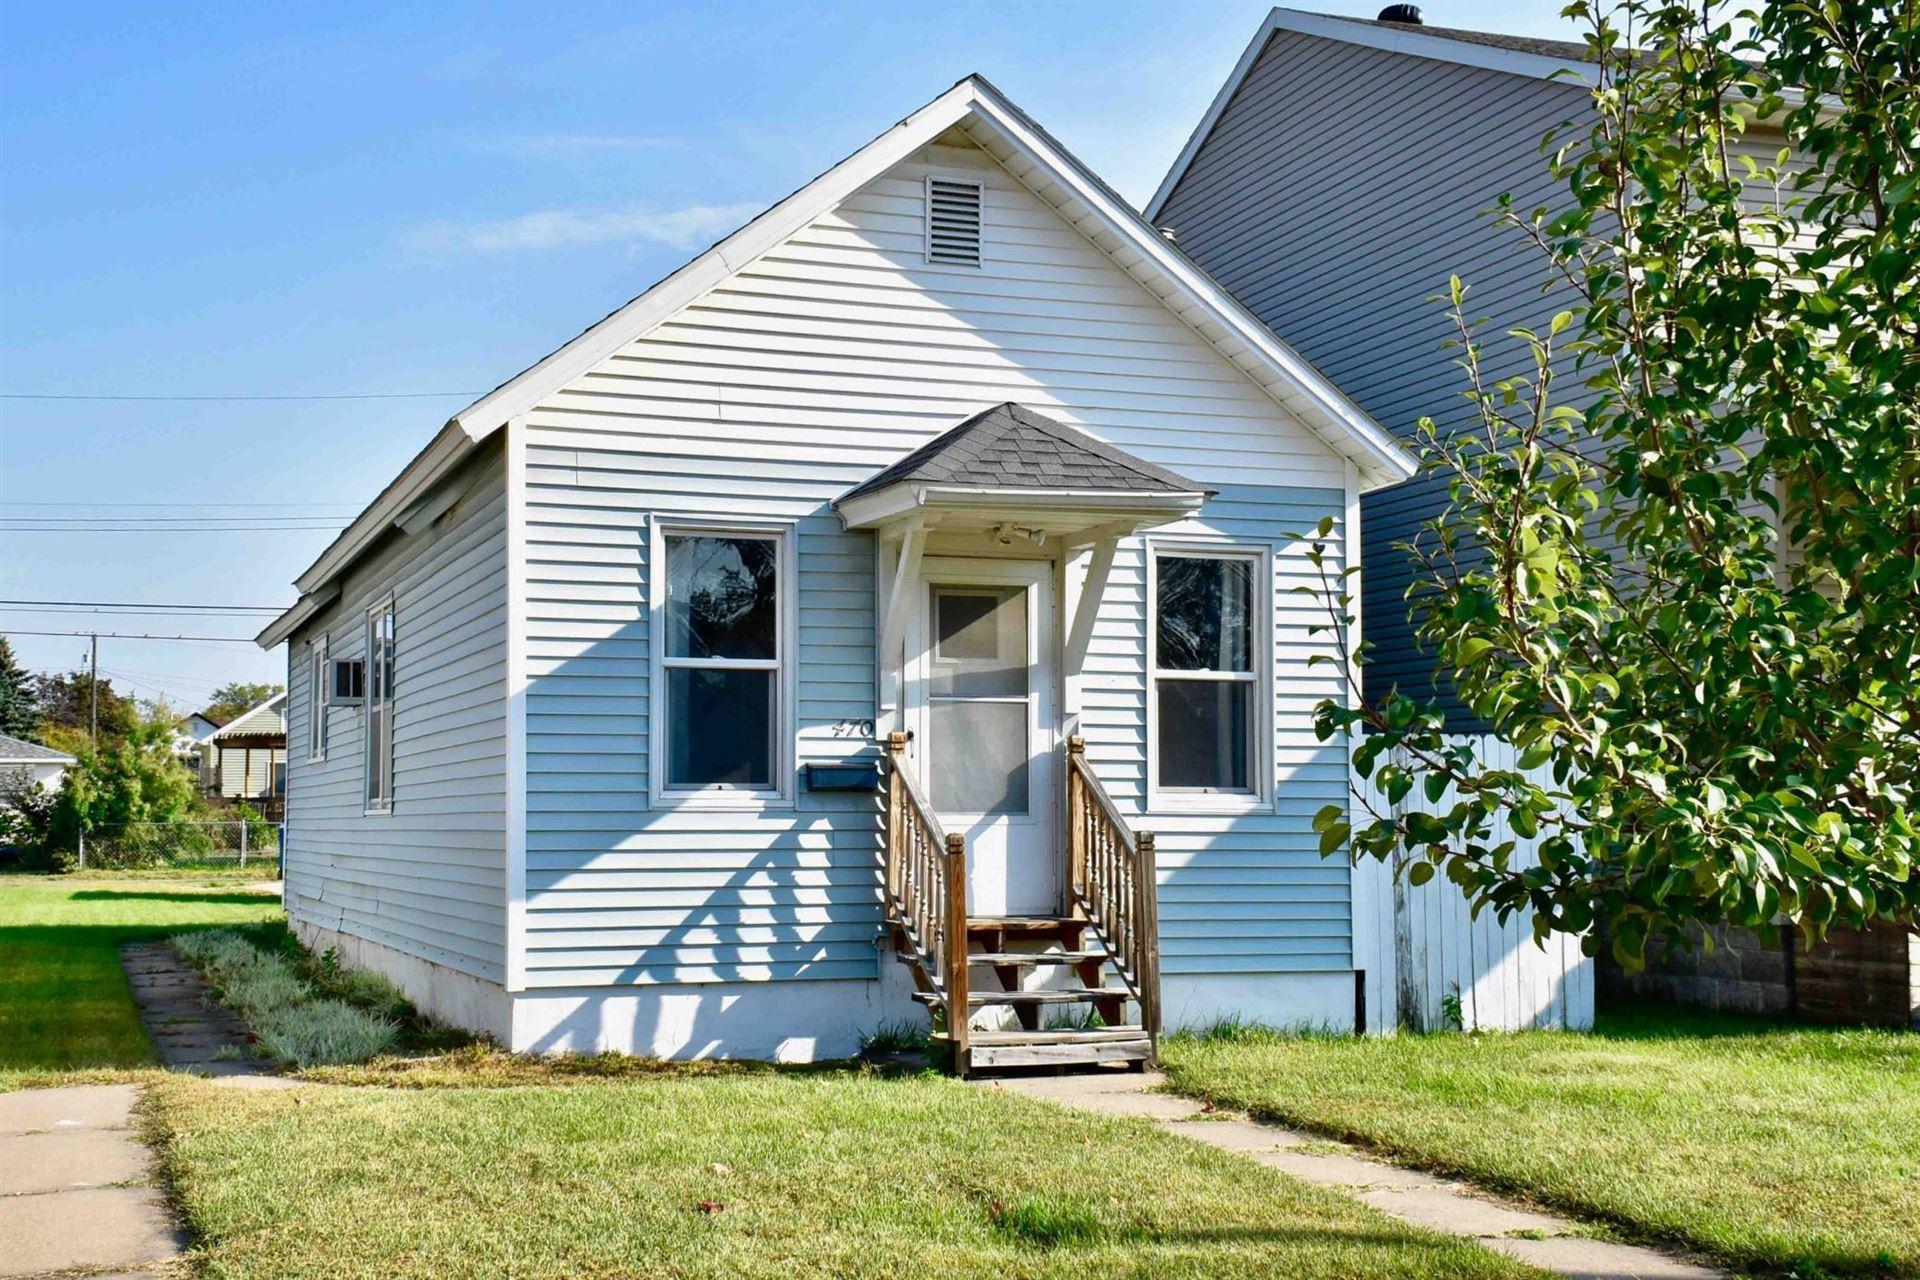 470 E Mark Street, Winona, MN 55987 - MLS#: 6109027